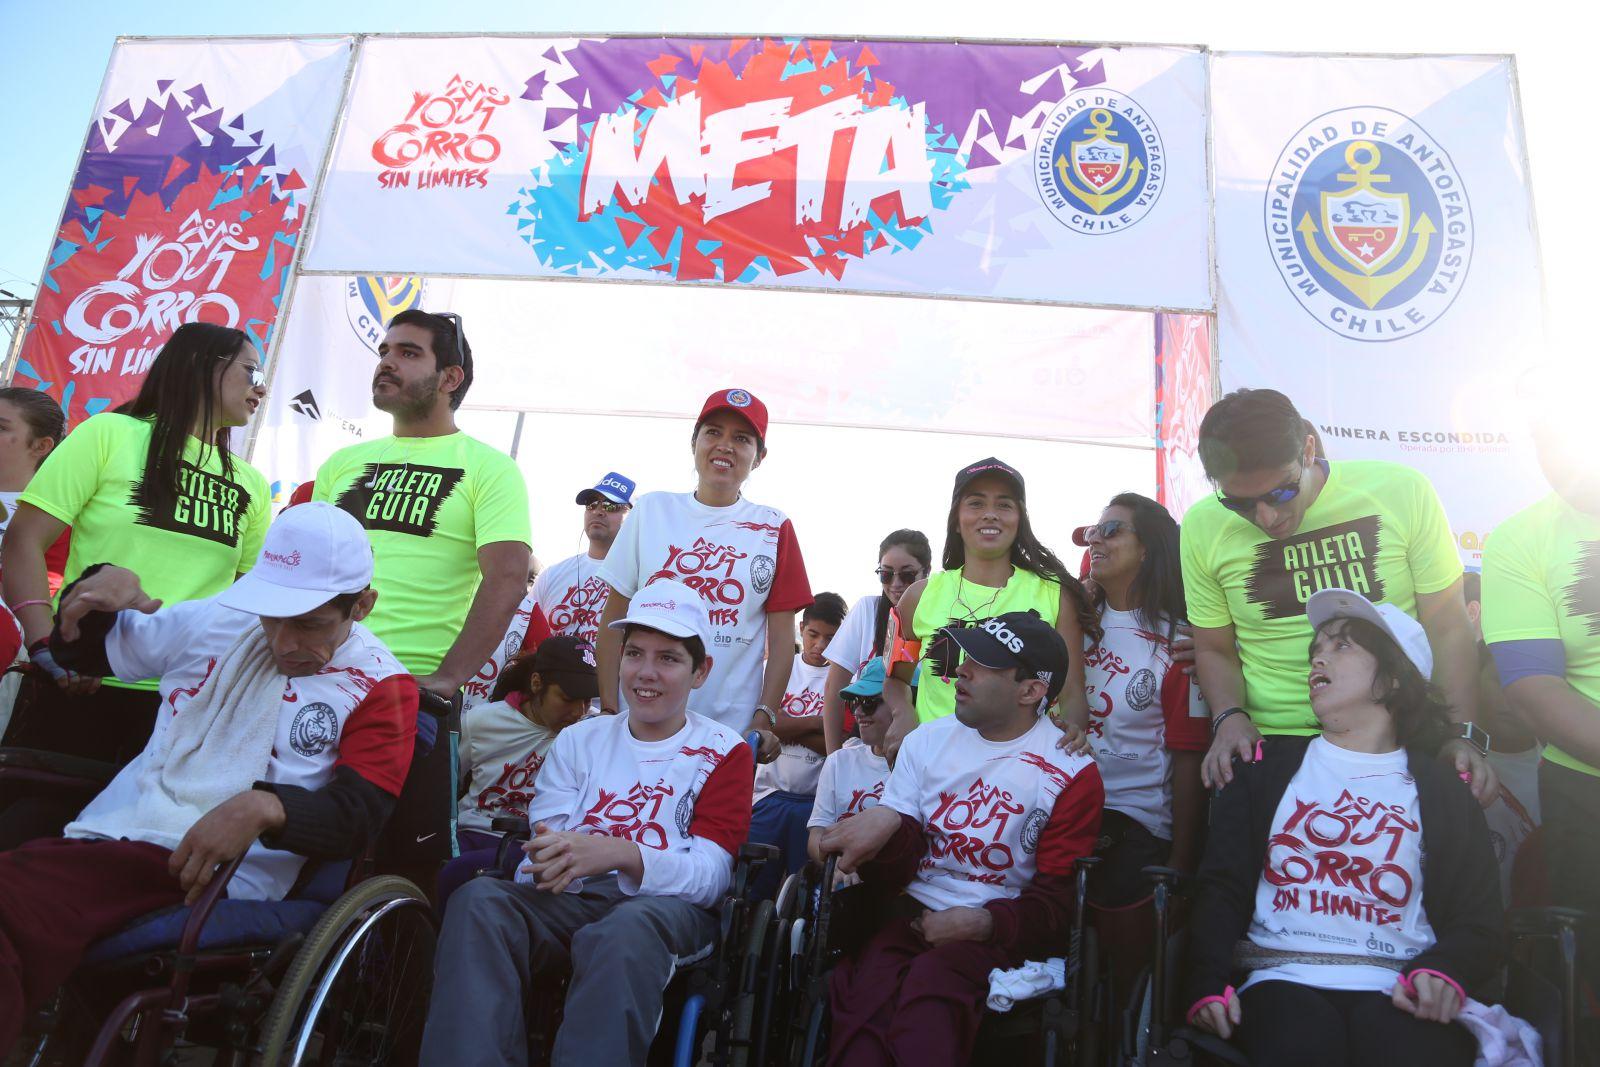 mas-de-2-mil-inscritos-en-3a-corrida-por-la-inclusion